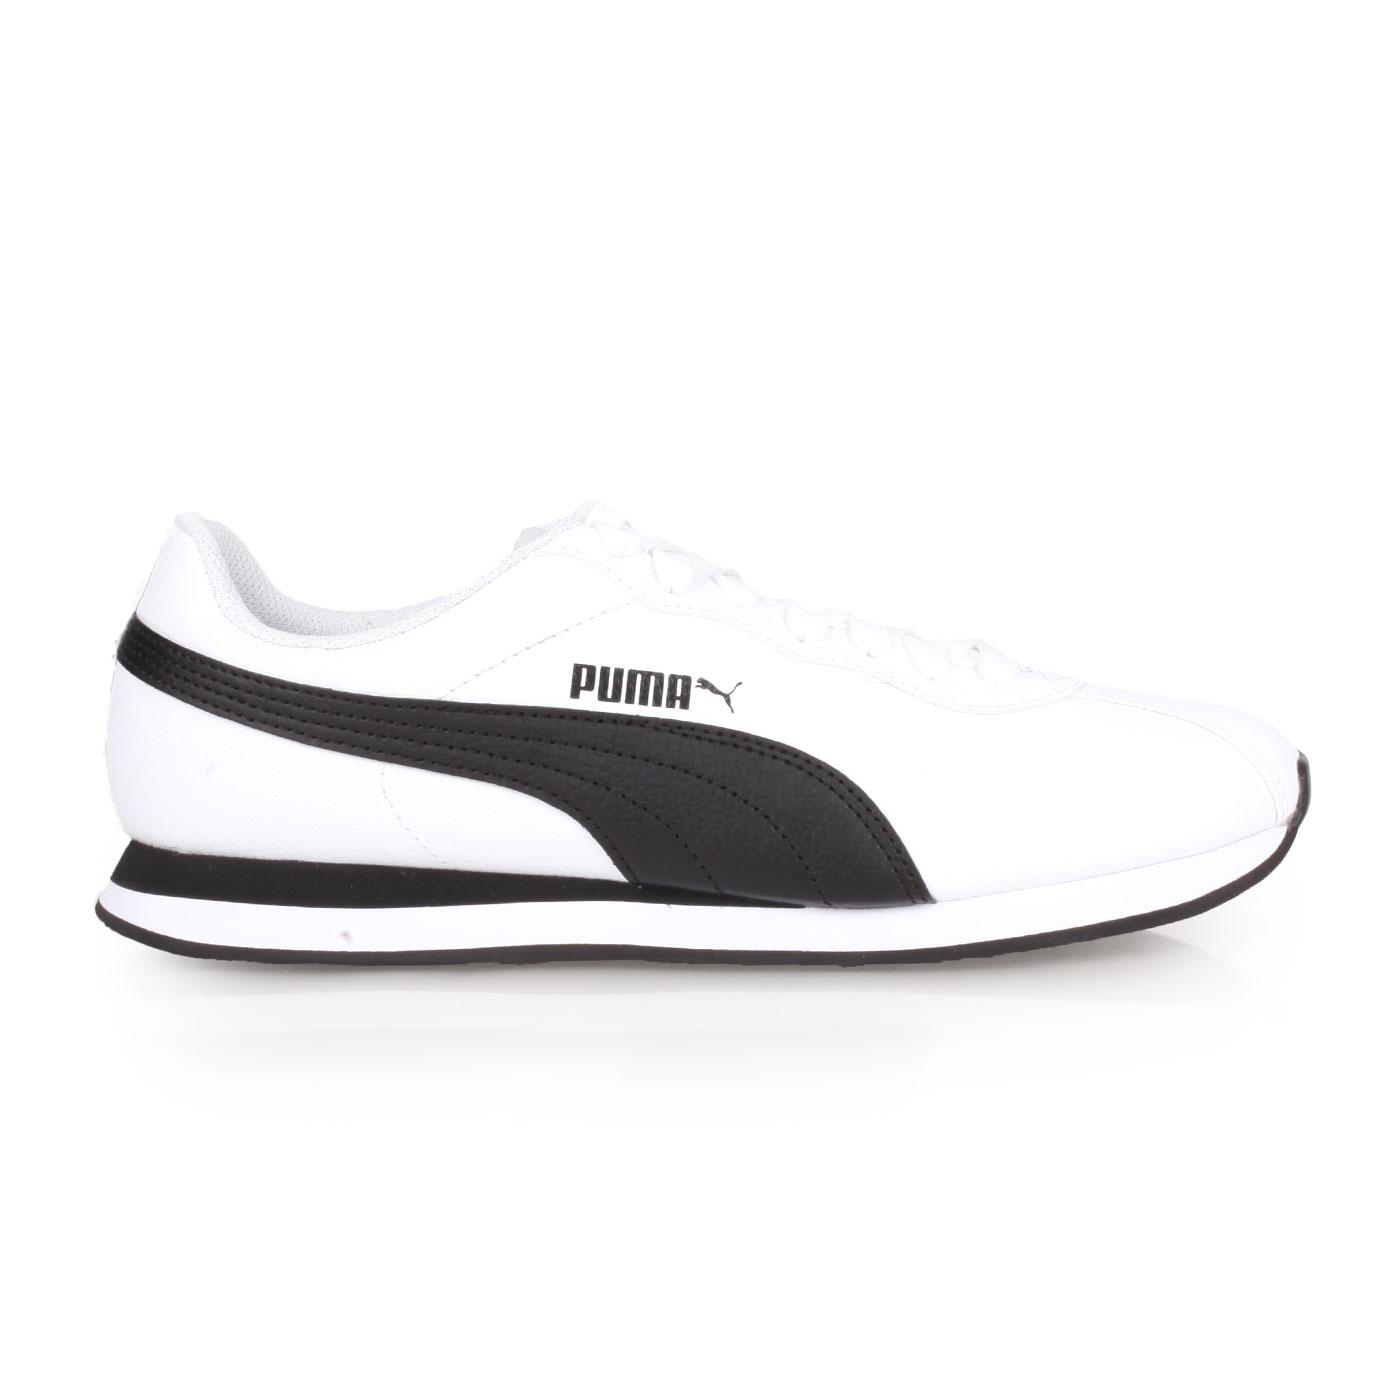 PUMA 休閒運動鞋  @Turin II@36696201 - 白黑